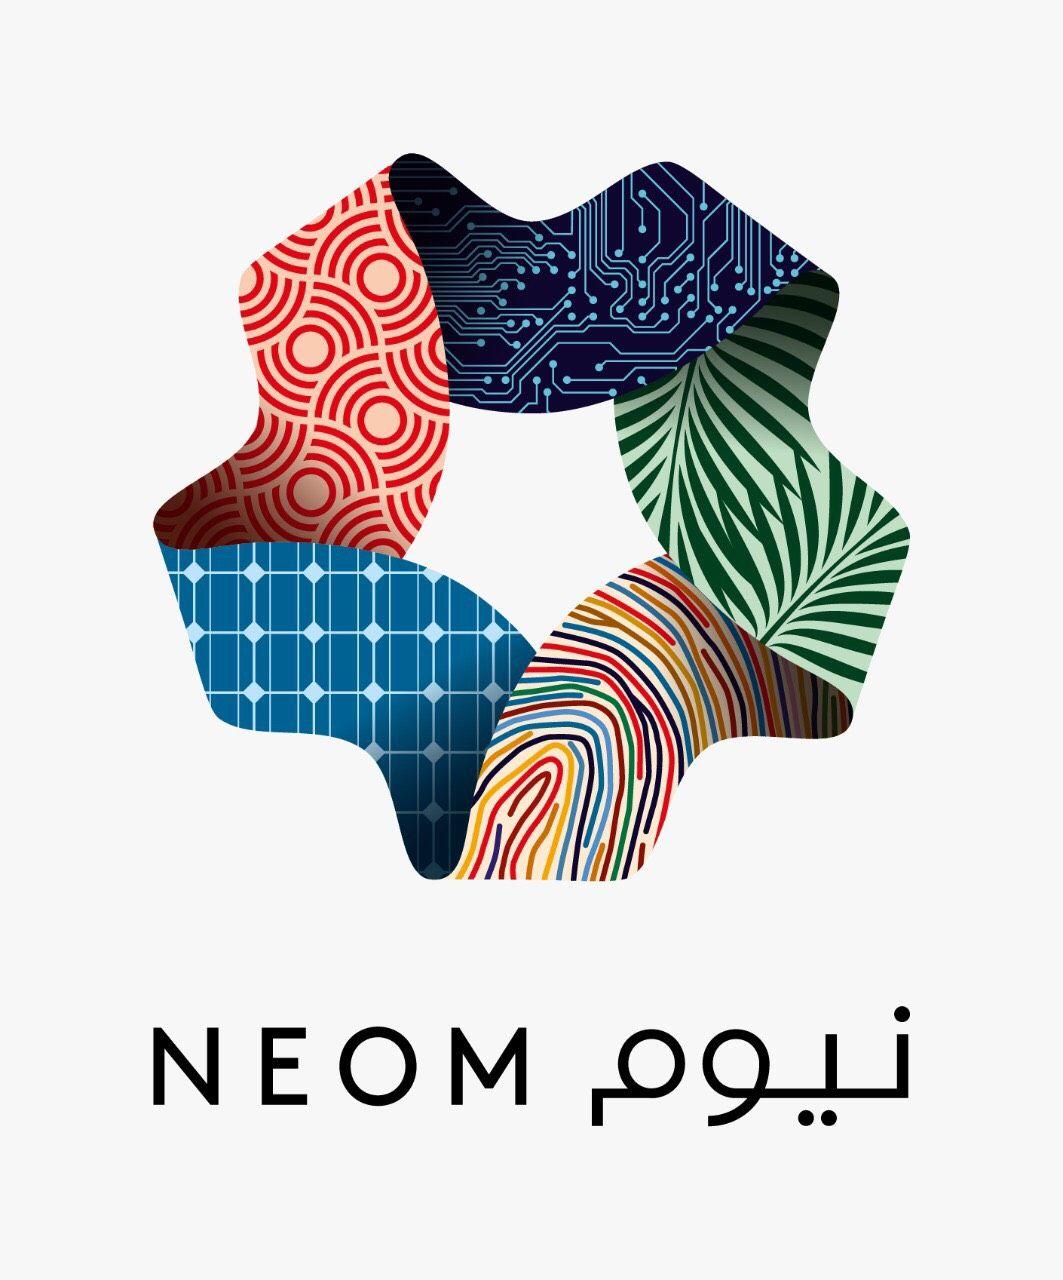 مشروع نيوم الترند الأول عالميا المملكة مهد الحضارة والاقتصاد والنماء Grapic Design Logo Design Graphic Design Posters